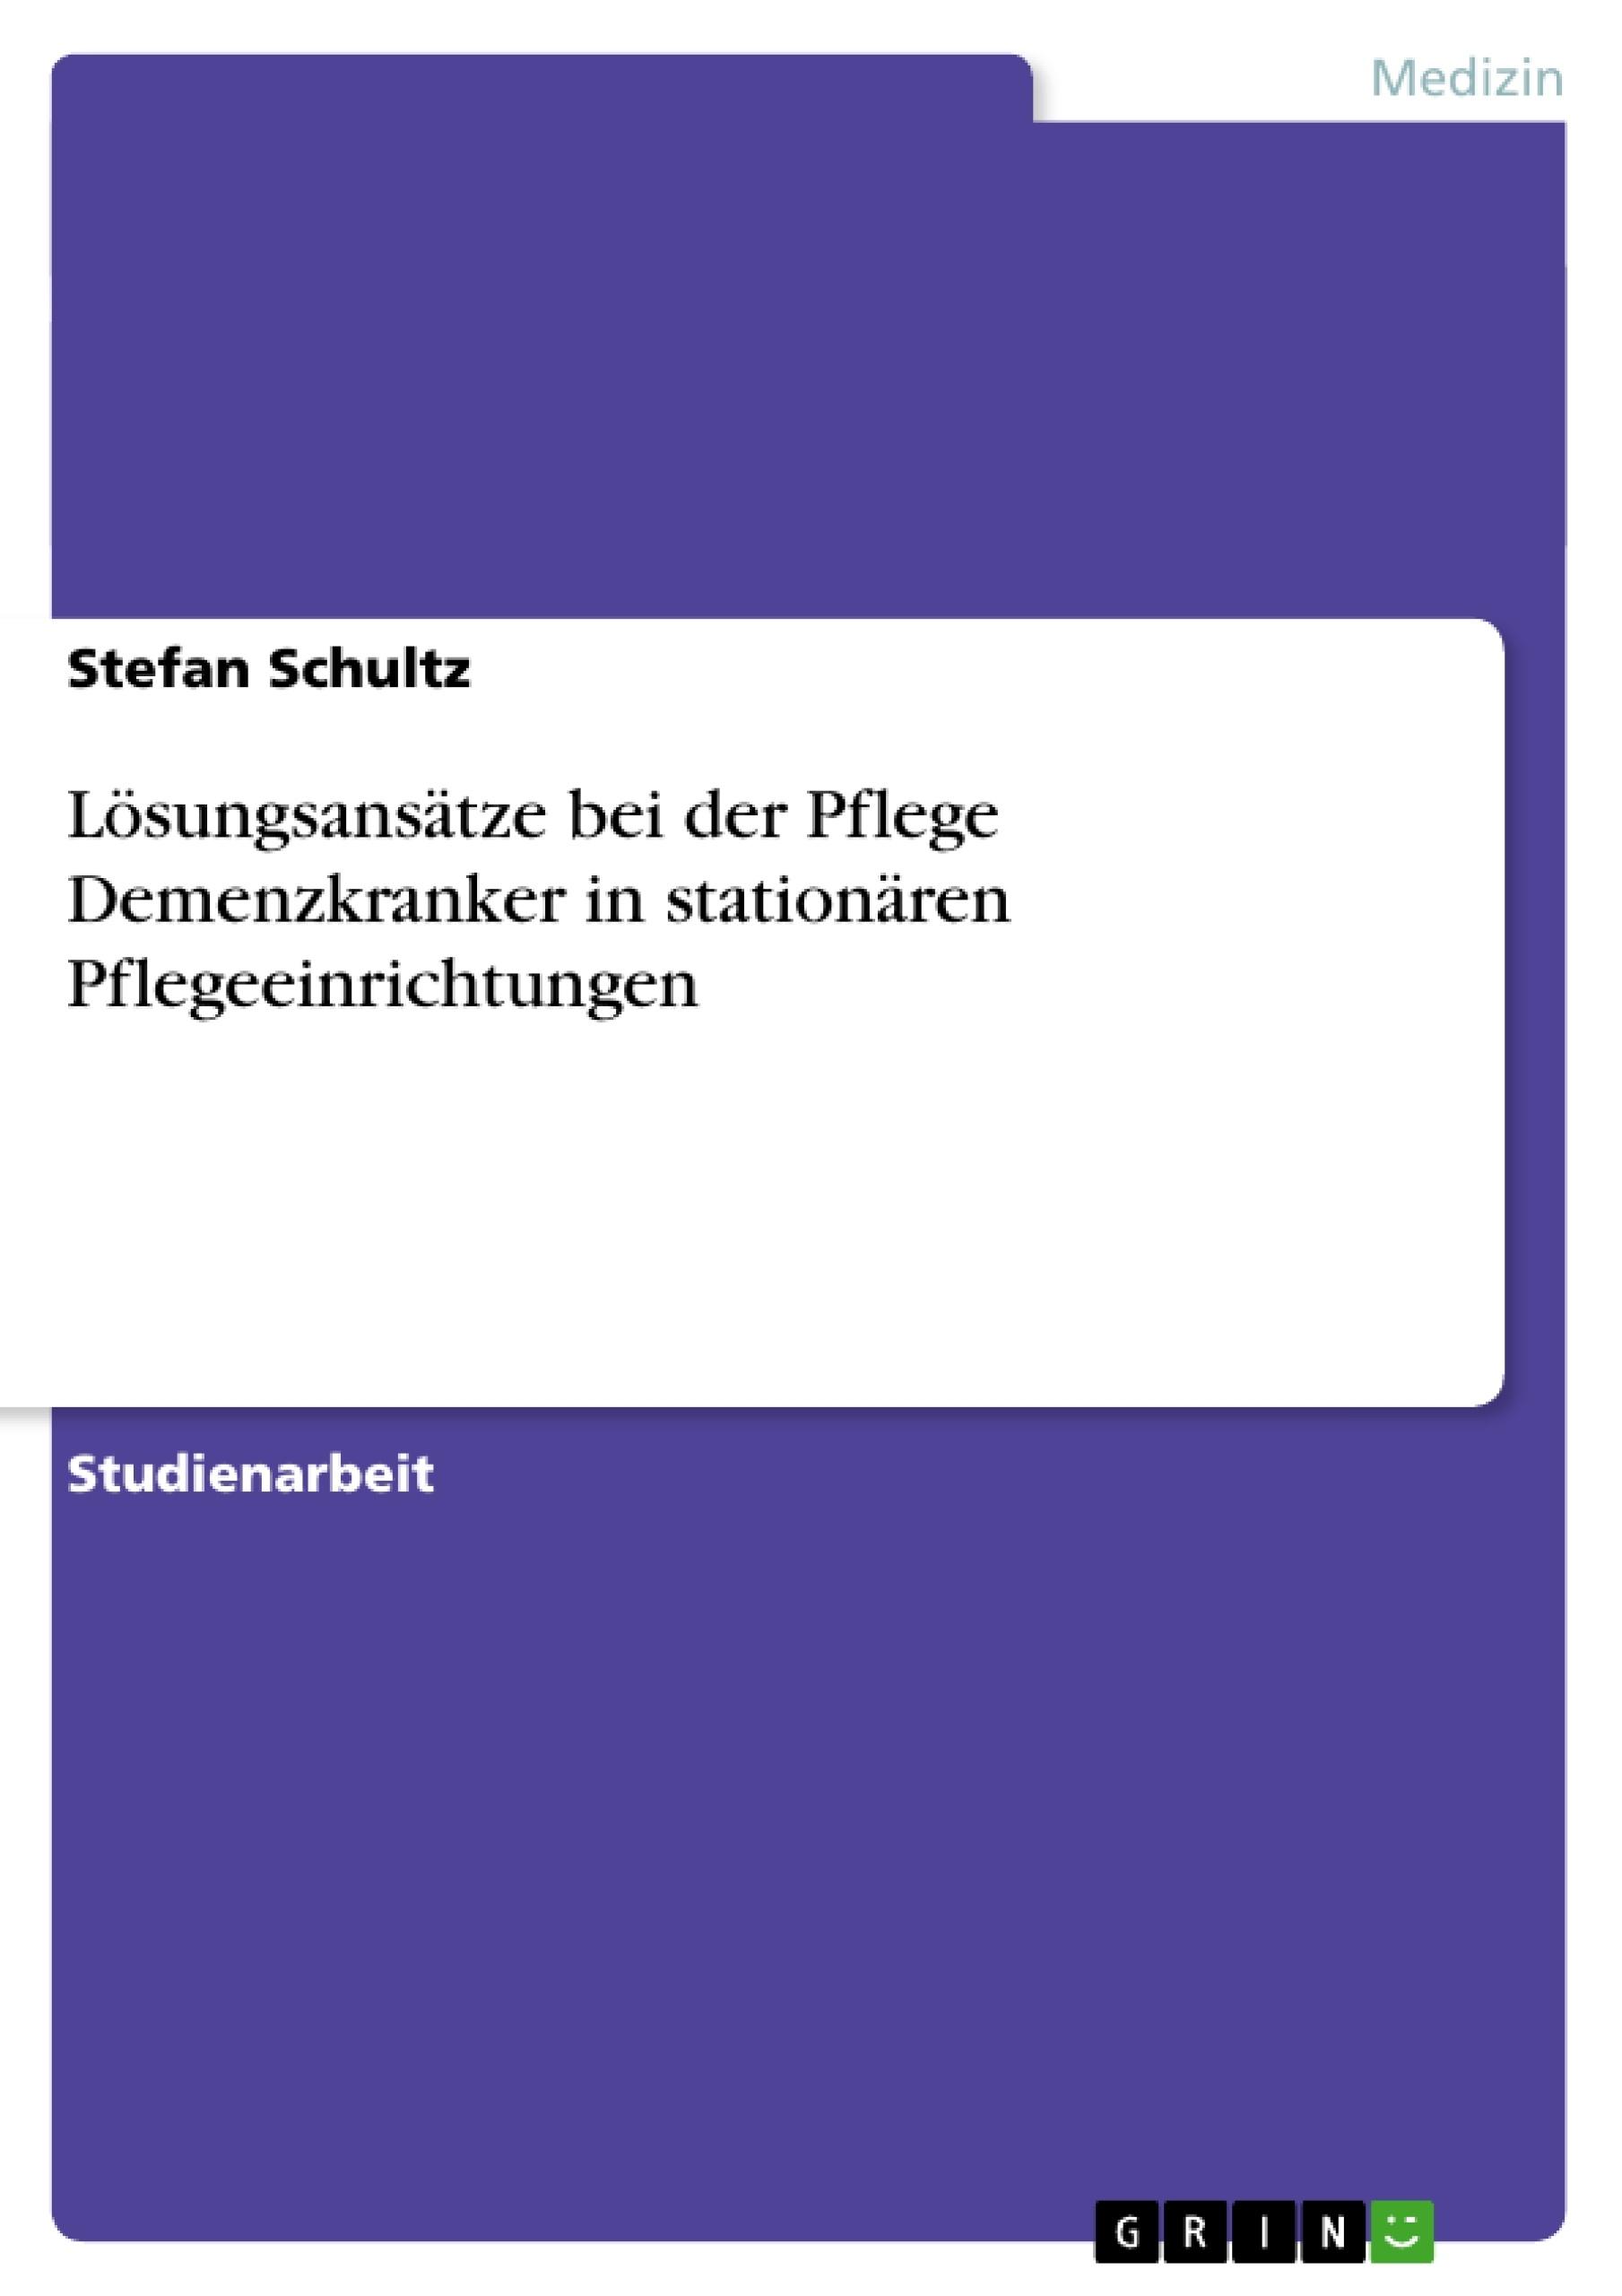 Titel: Lösungsansätze bei der Pflege Demenzkranker in stationären Pflegeeinrichtungen